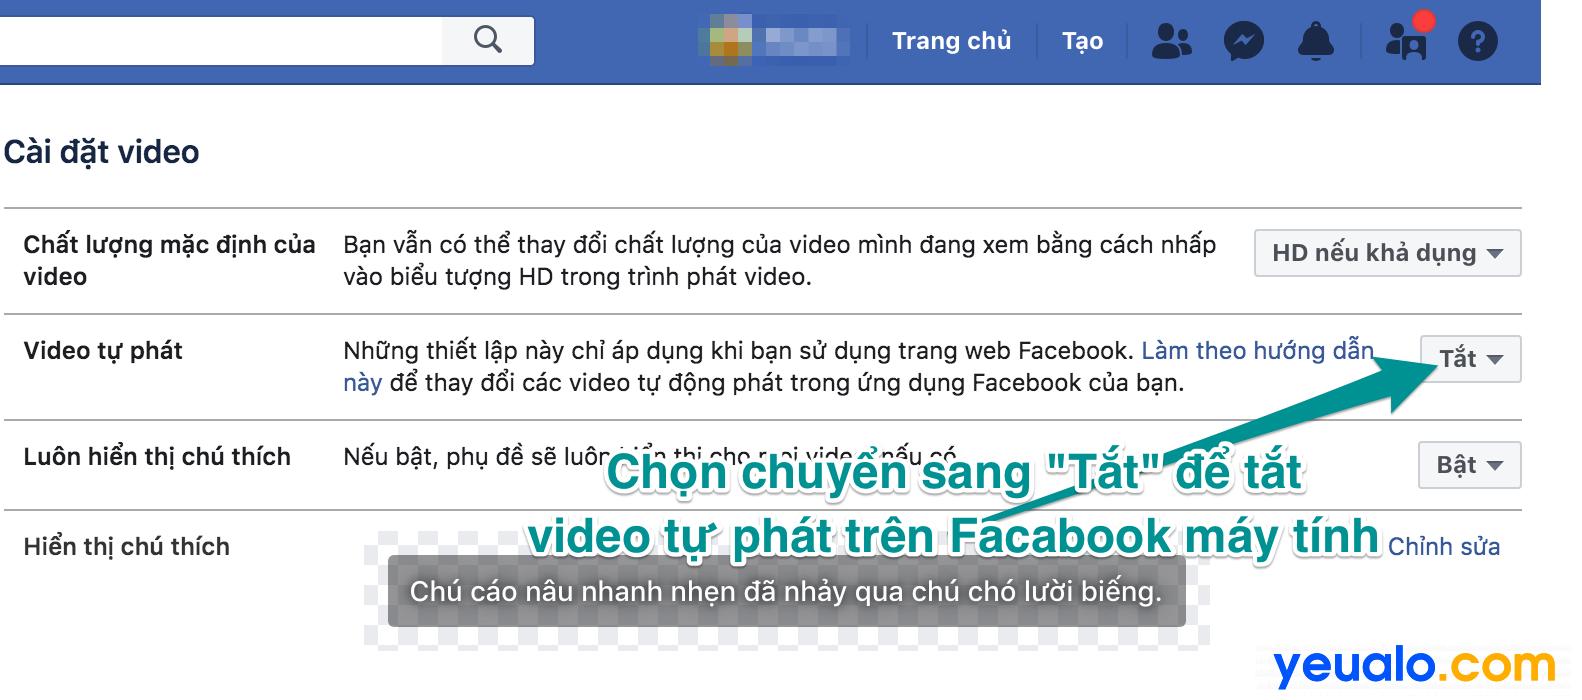 Cách tắt tự phát video trên Facebook trên máy tính